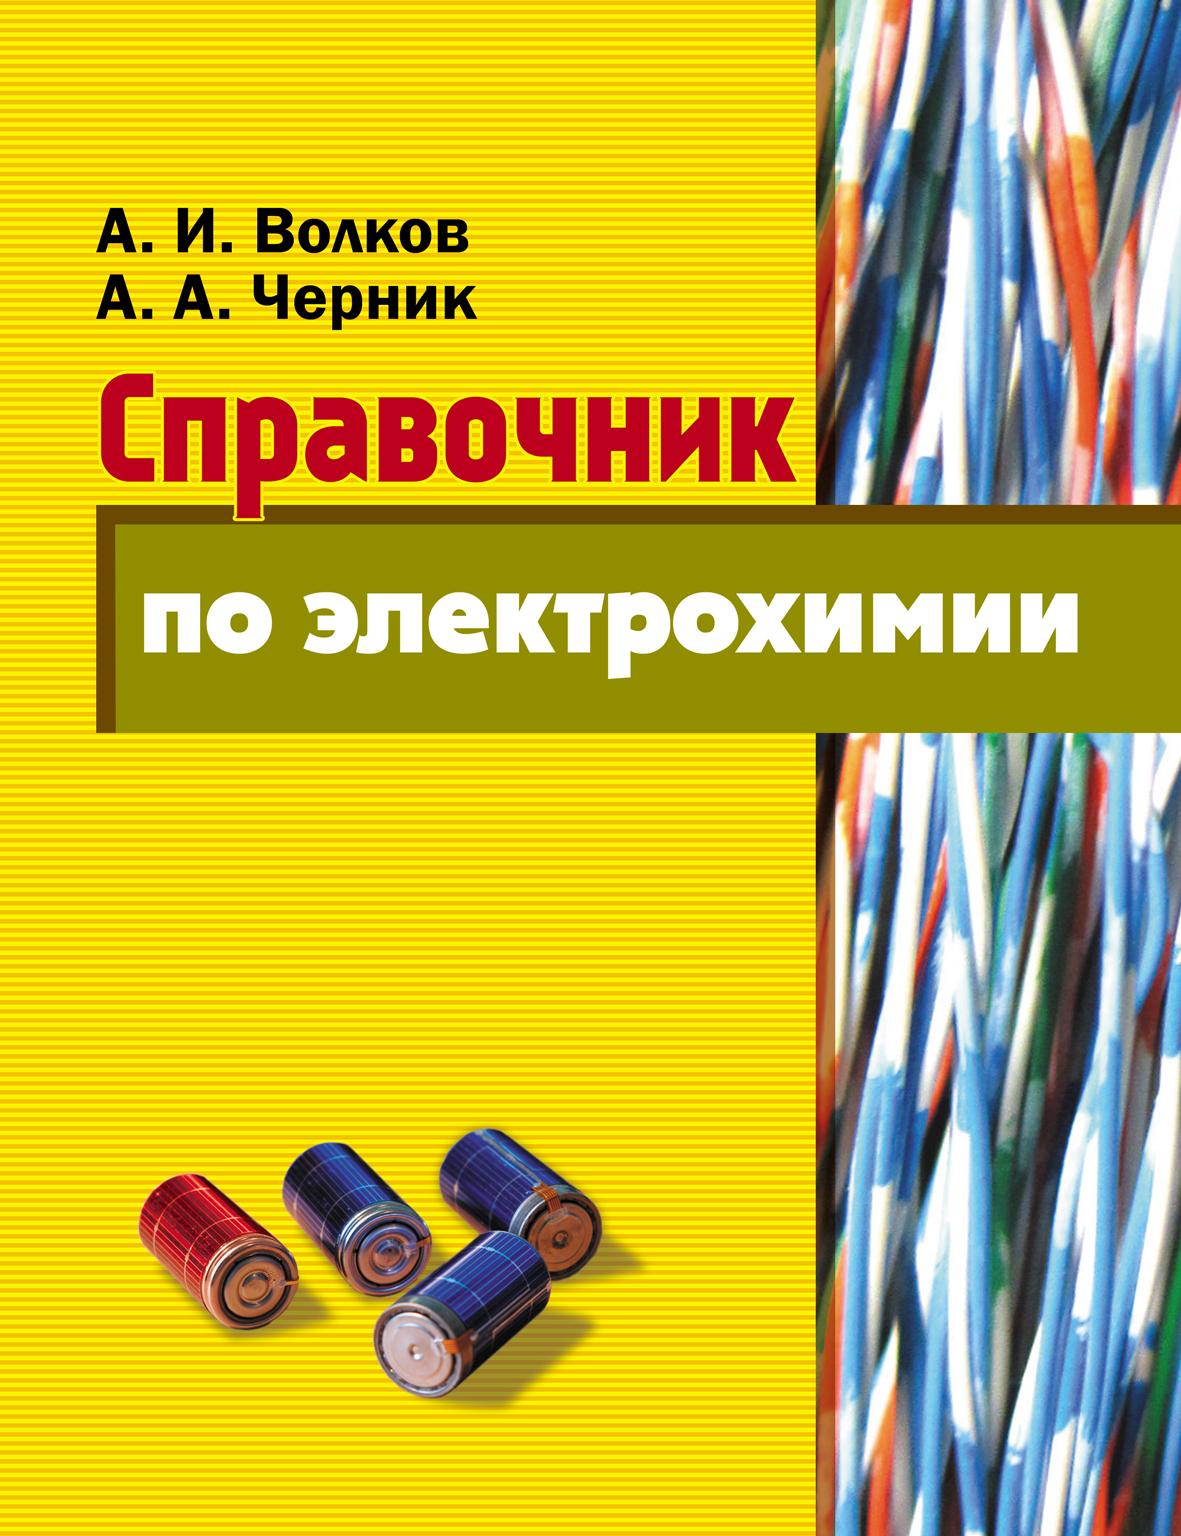 Справочник по электрохимии